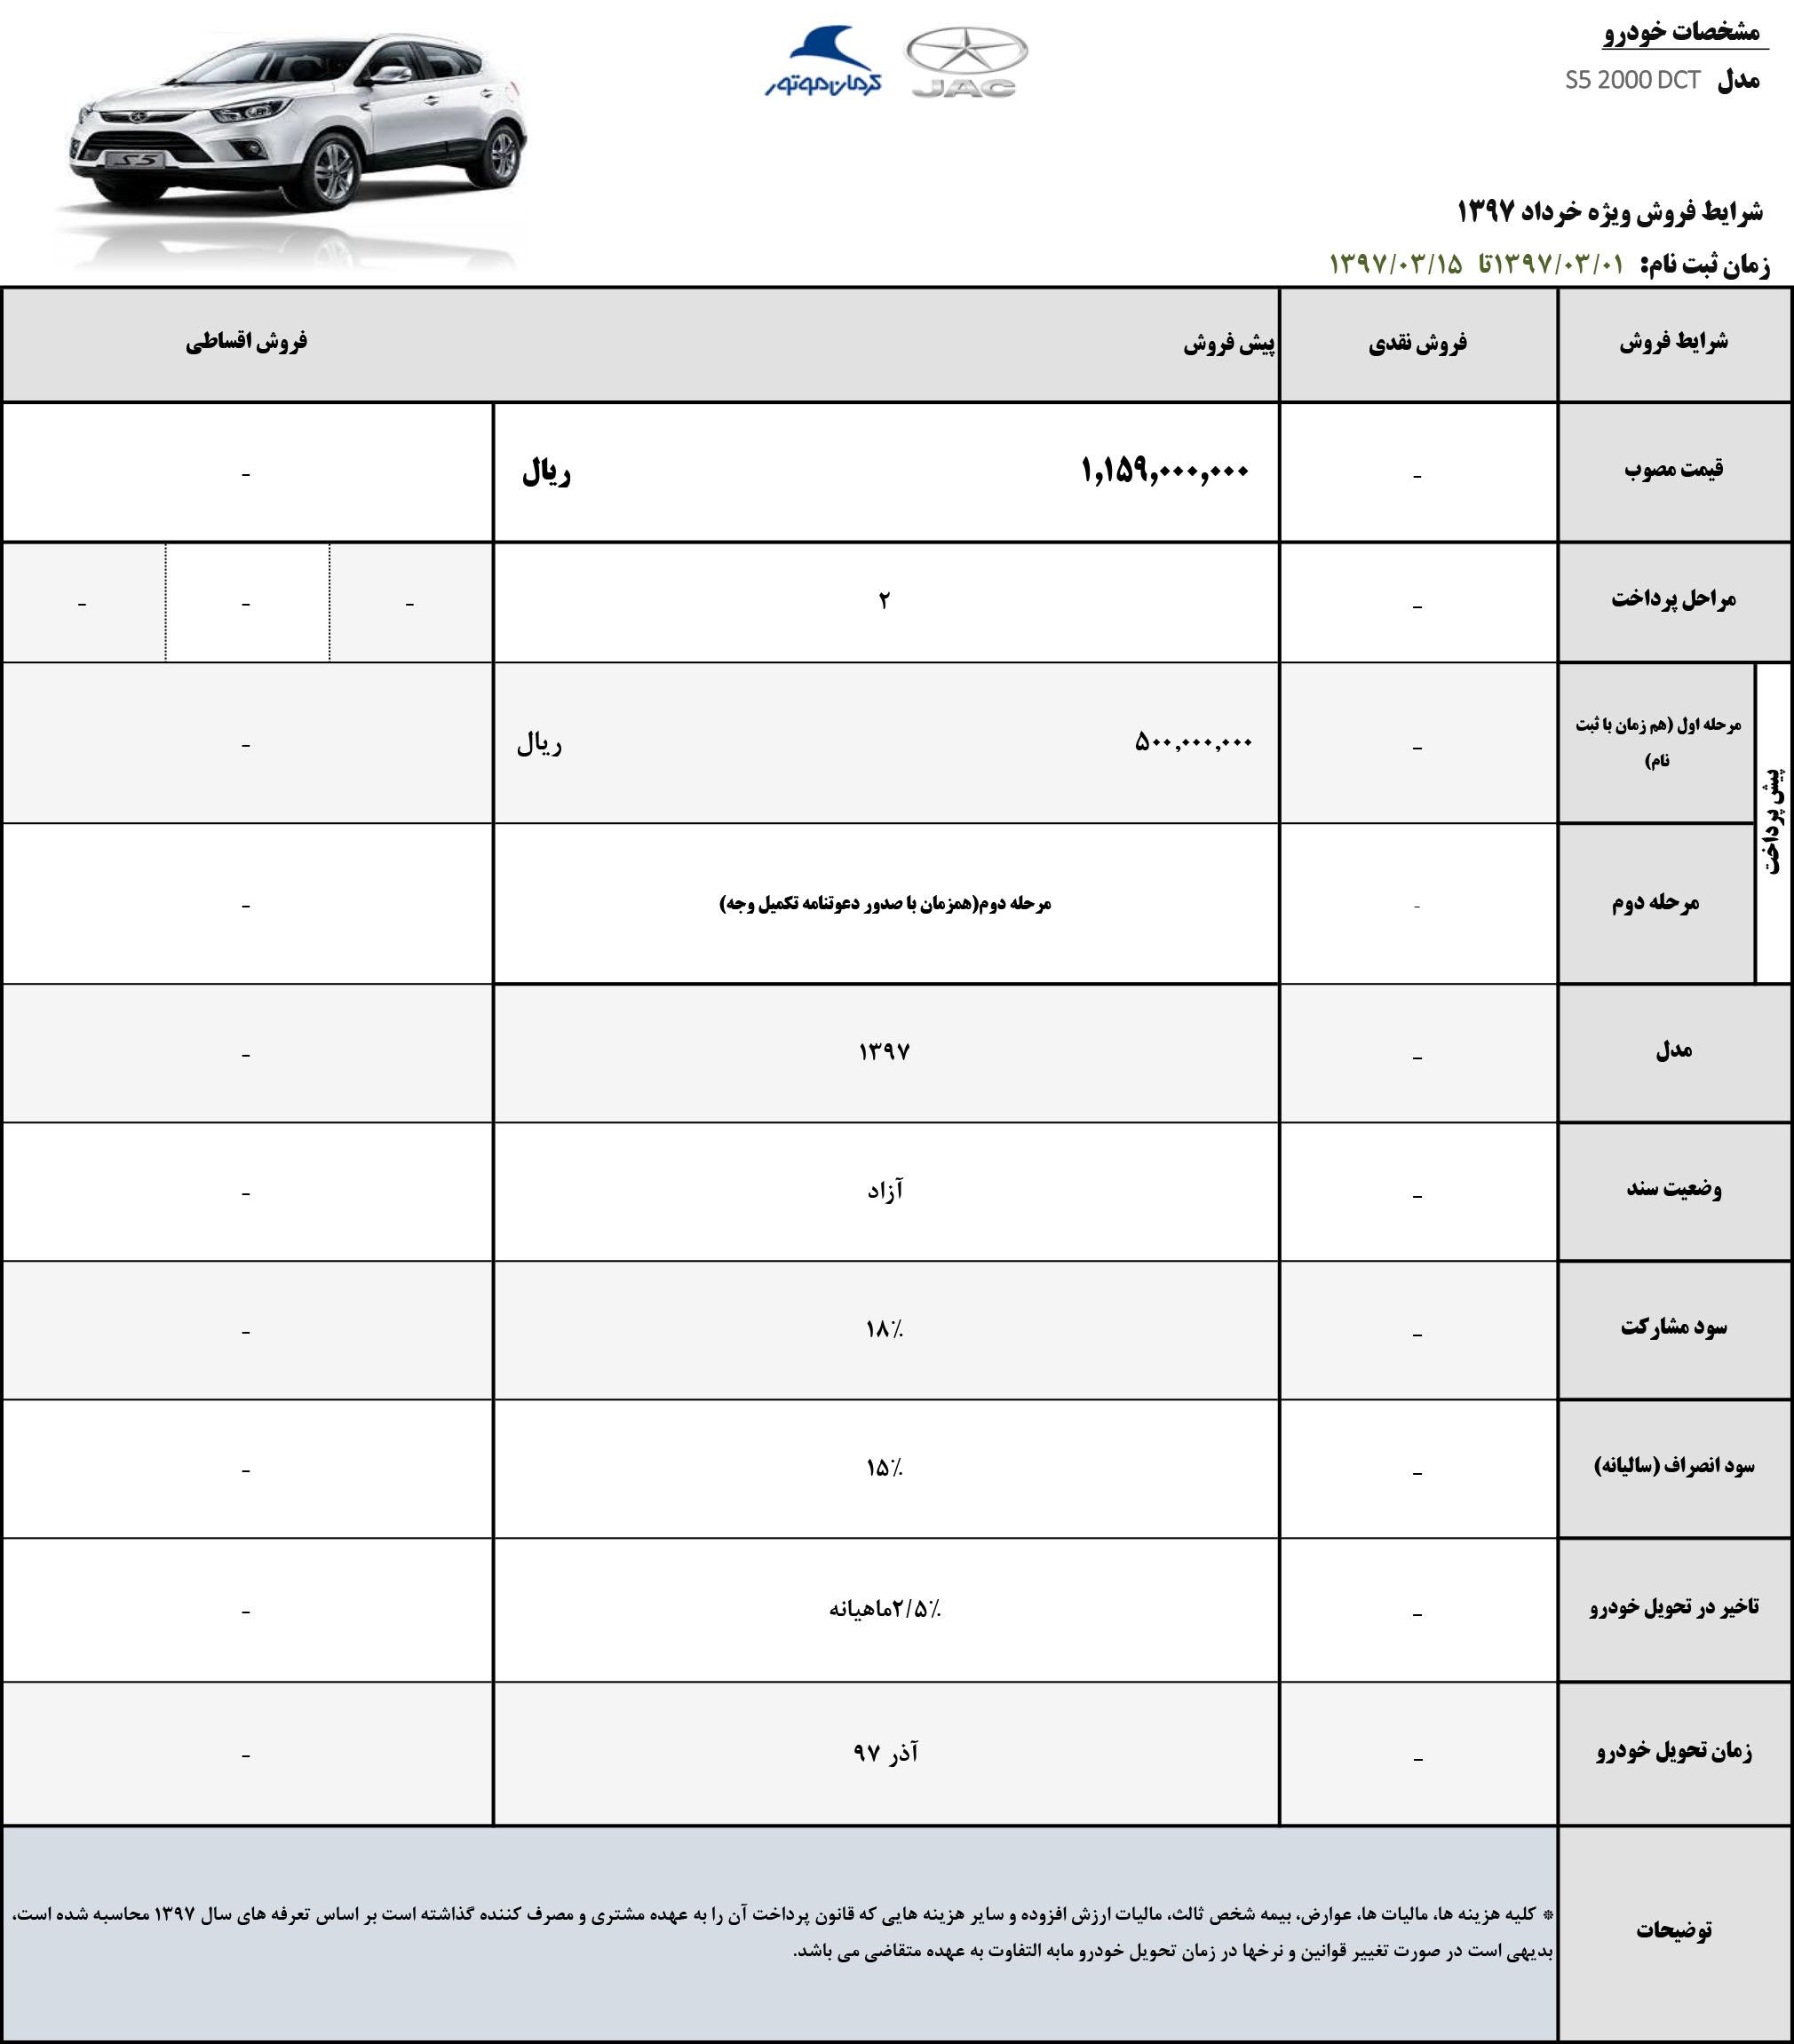 شرایط فروش جدید خودروهای جک کرمان موتور – خرداد 97